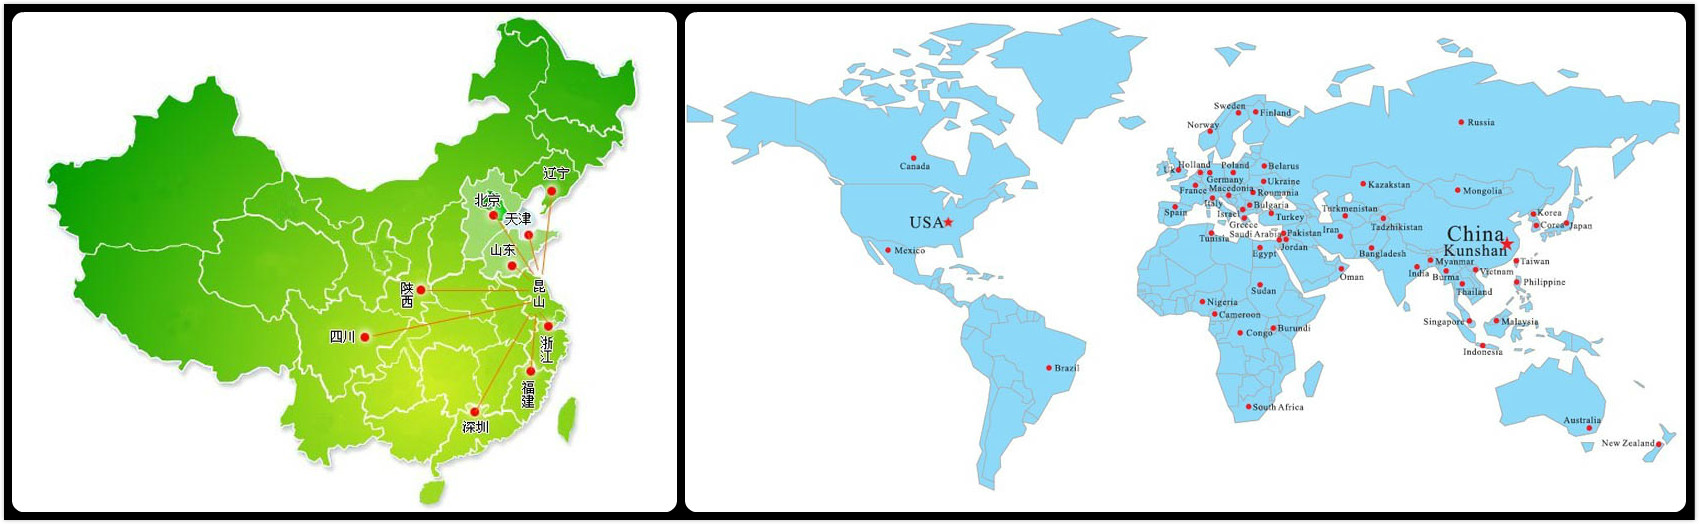 苏州区域划分图手绘图